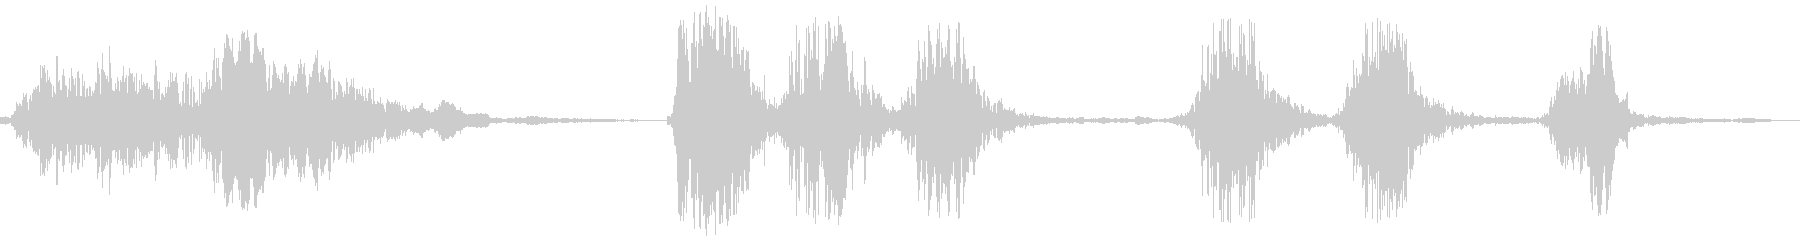 犬の鳴き声(ワンワンワンと吠える)の未再生の波形